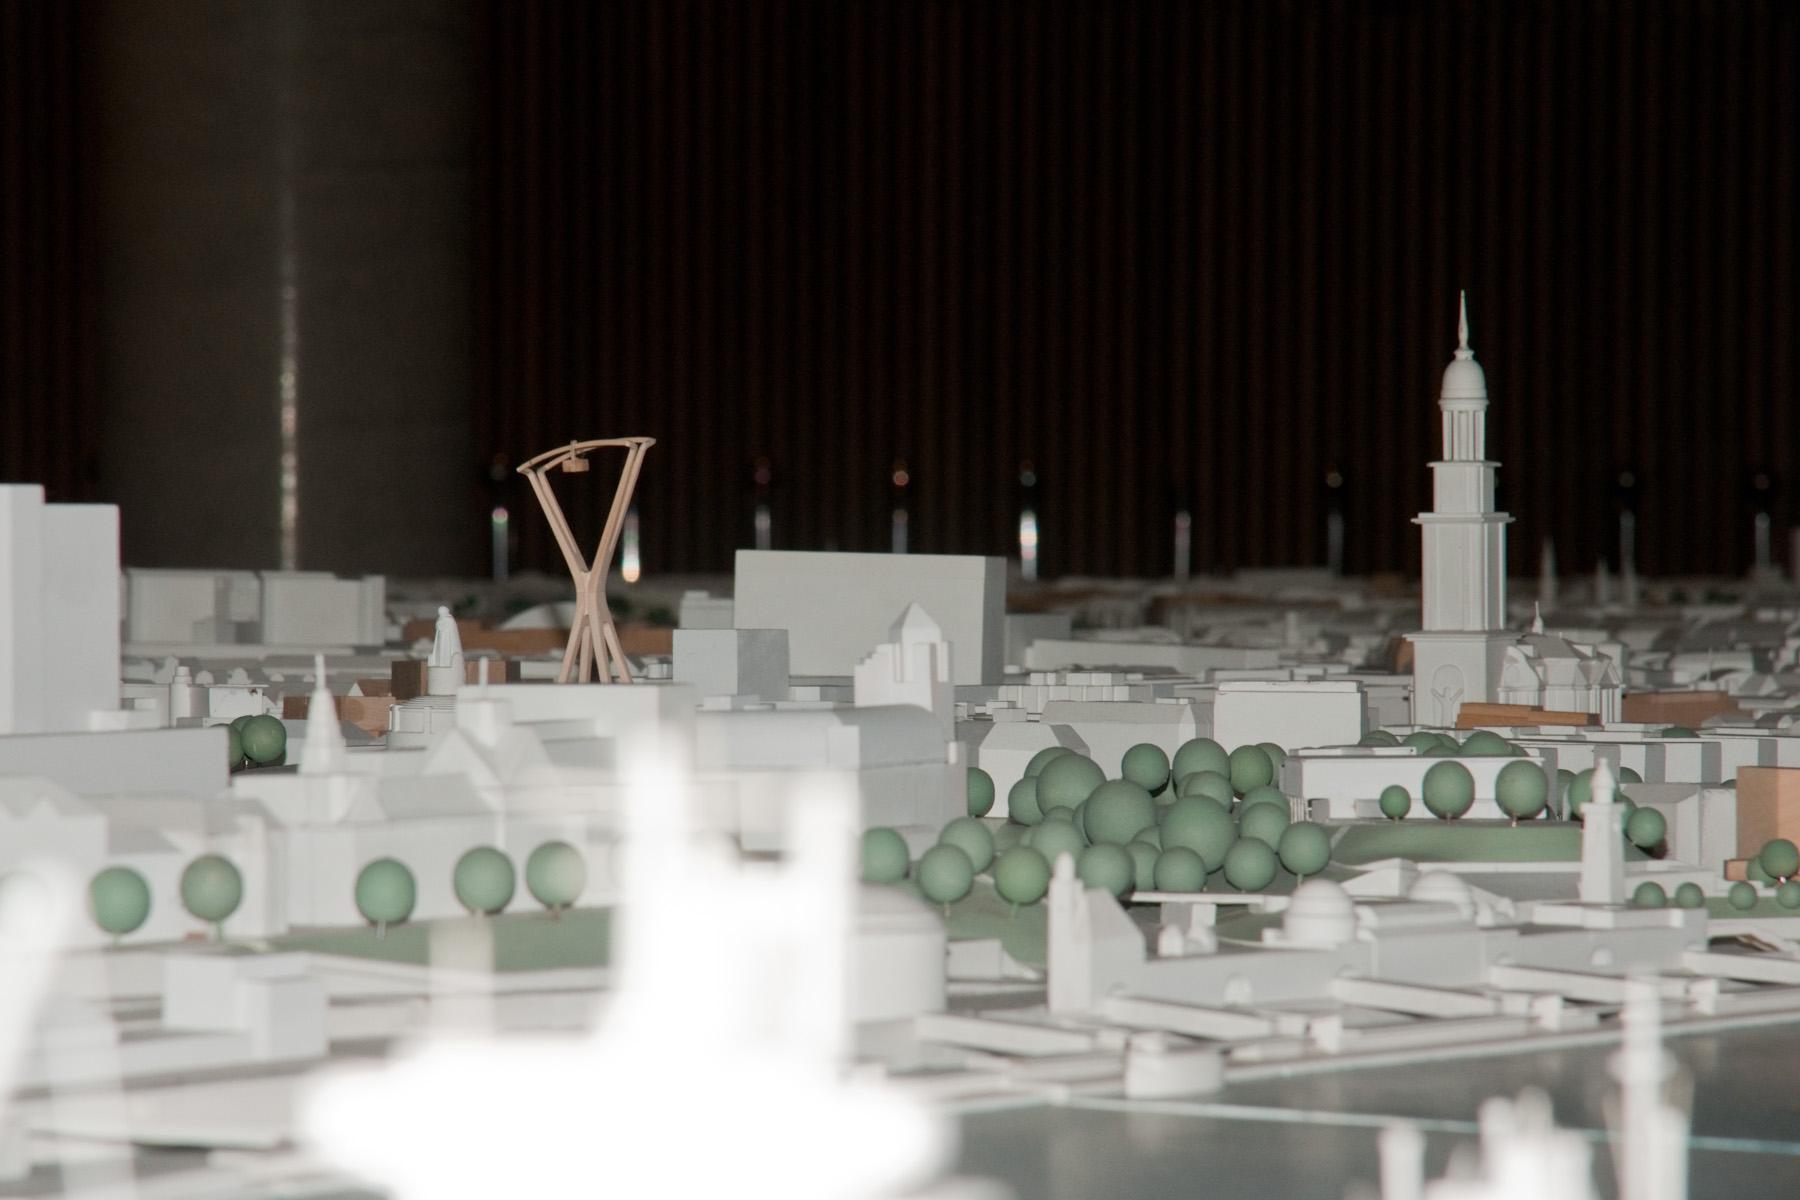 ...allenfalls im direkten Vergleich mit dem südlichen Pendant. Zusammen werden sie den Anblick der Stadt deutlich verändern und dominieren.